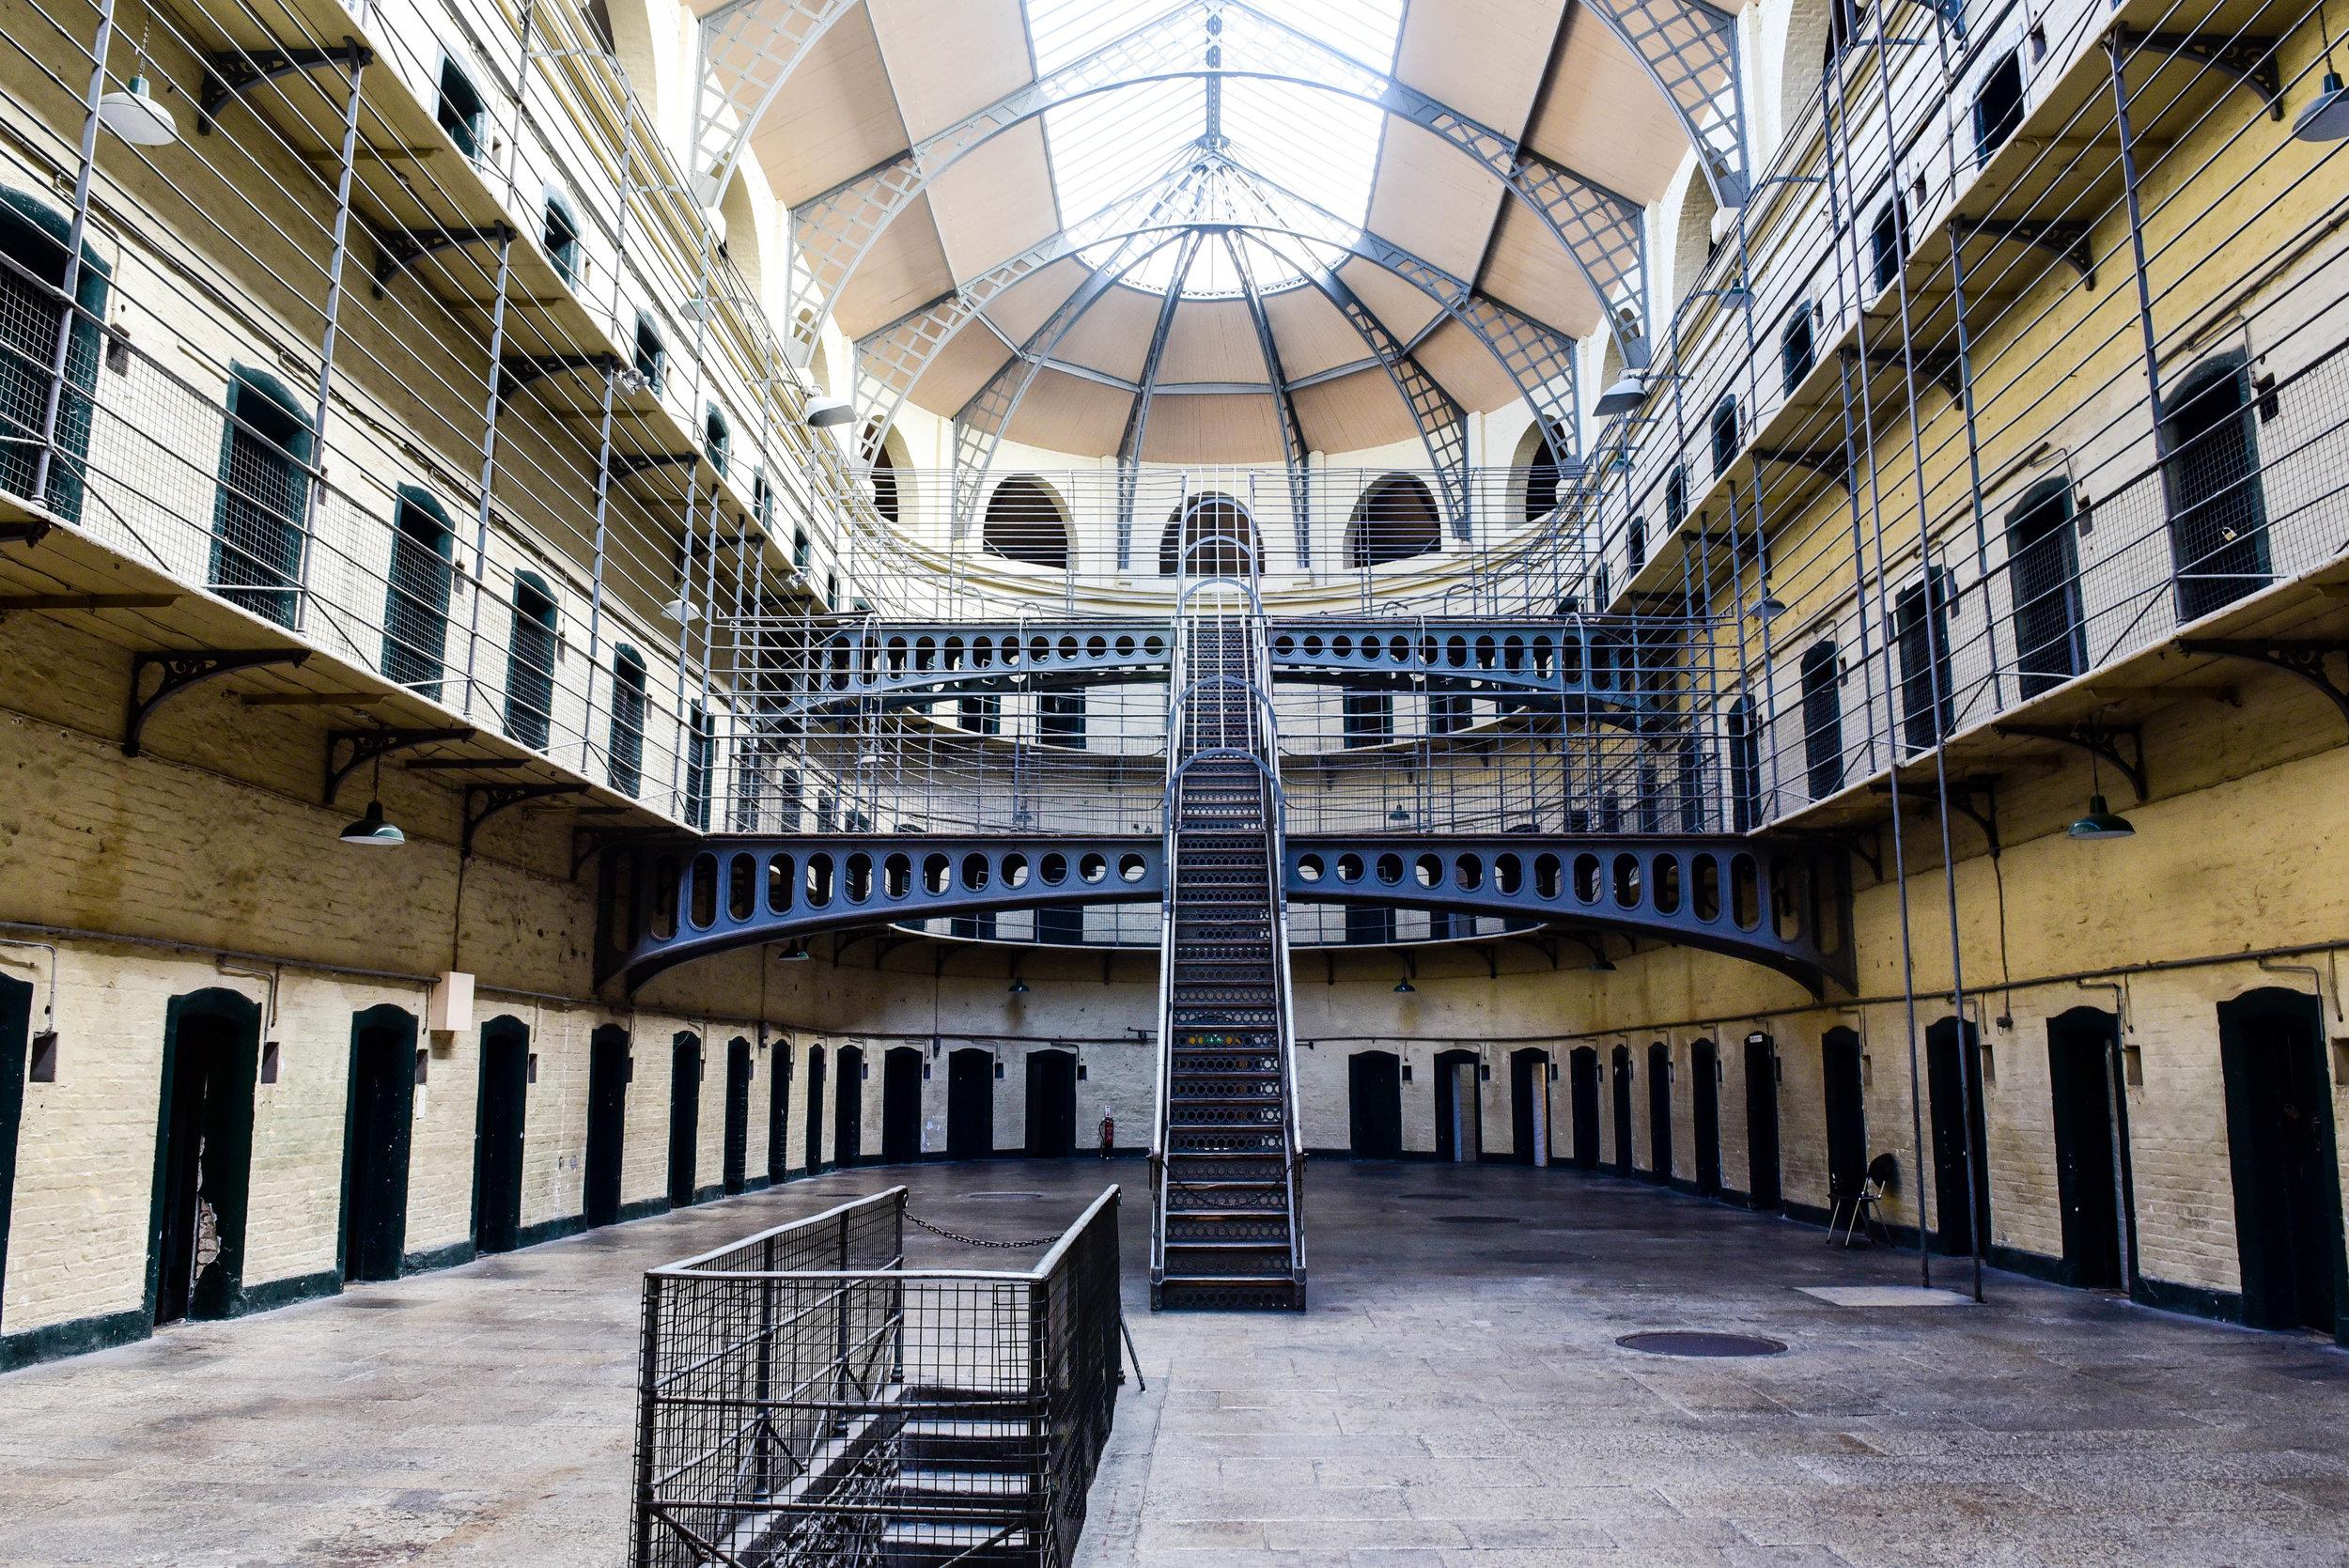 Kilmainham Gaol Prison